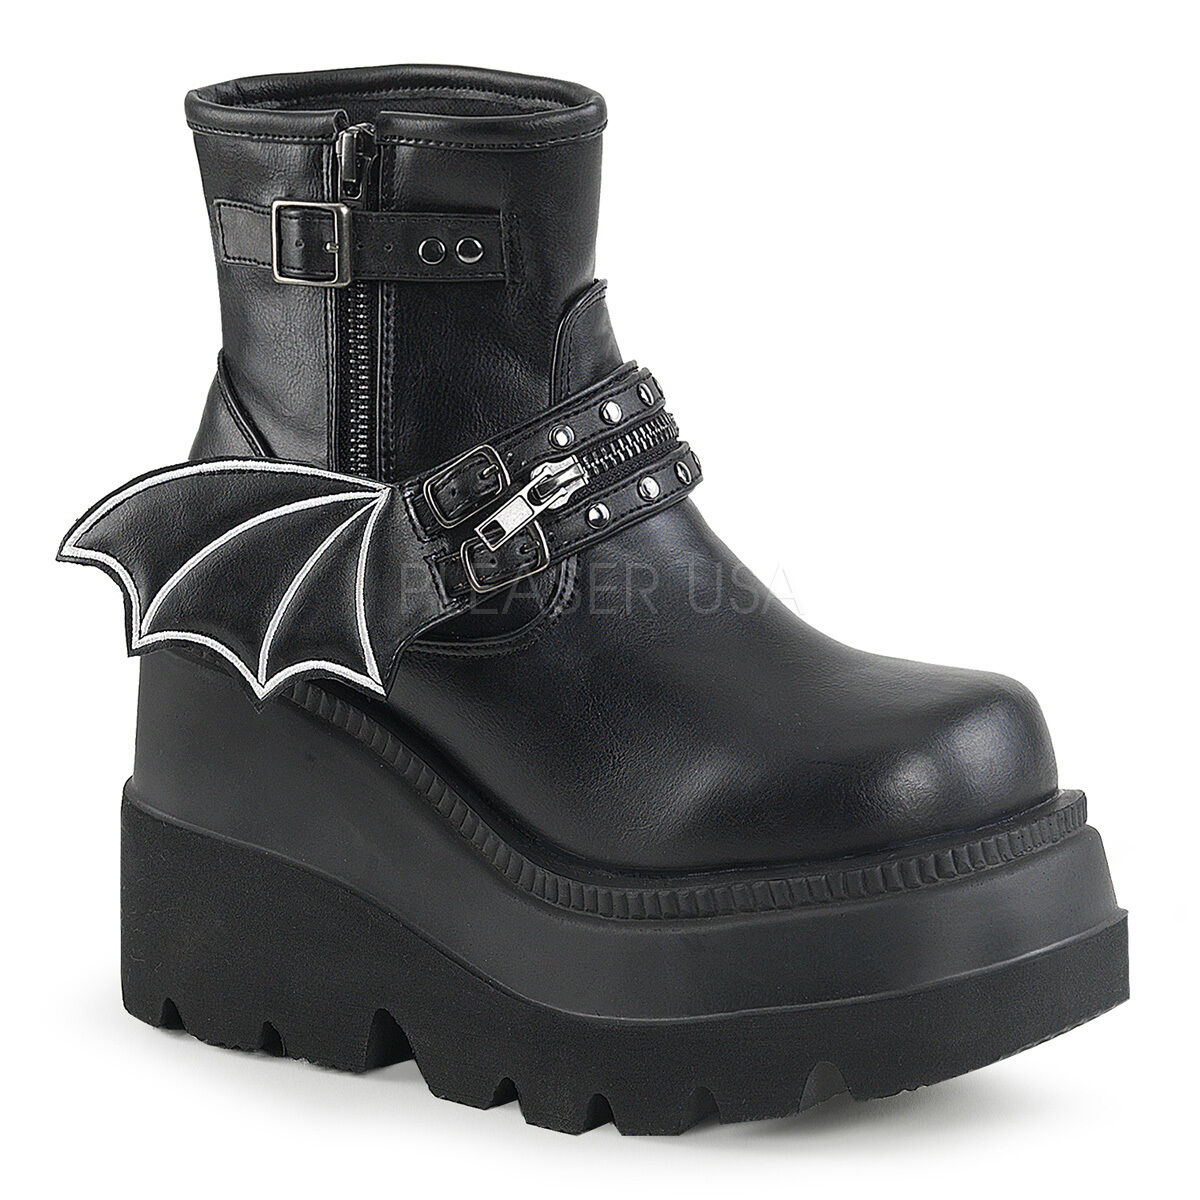 Punk Goth Gothique 4  Talon Plateforme Cheville Bottes hautes avec chauve-souris à fermeture éclair Bracelet